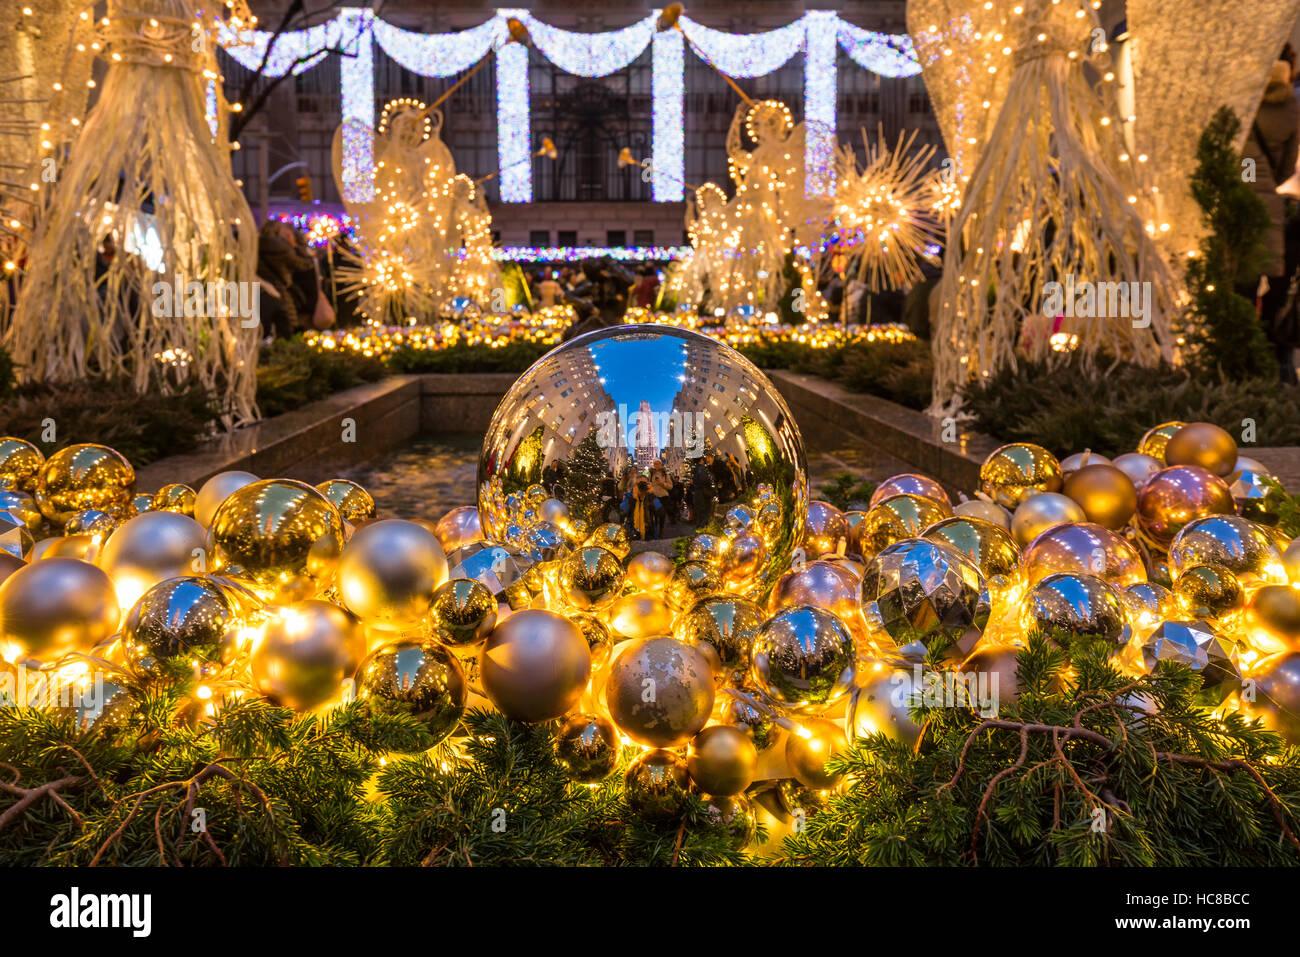 Il Rockefeller Center stagione di Natale decorazioni. Midtown Manhattan, a New York City Immagini Stock